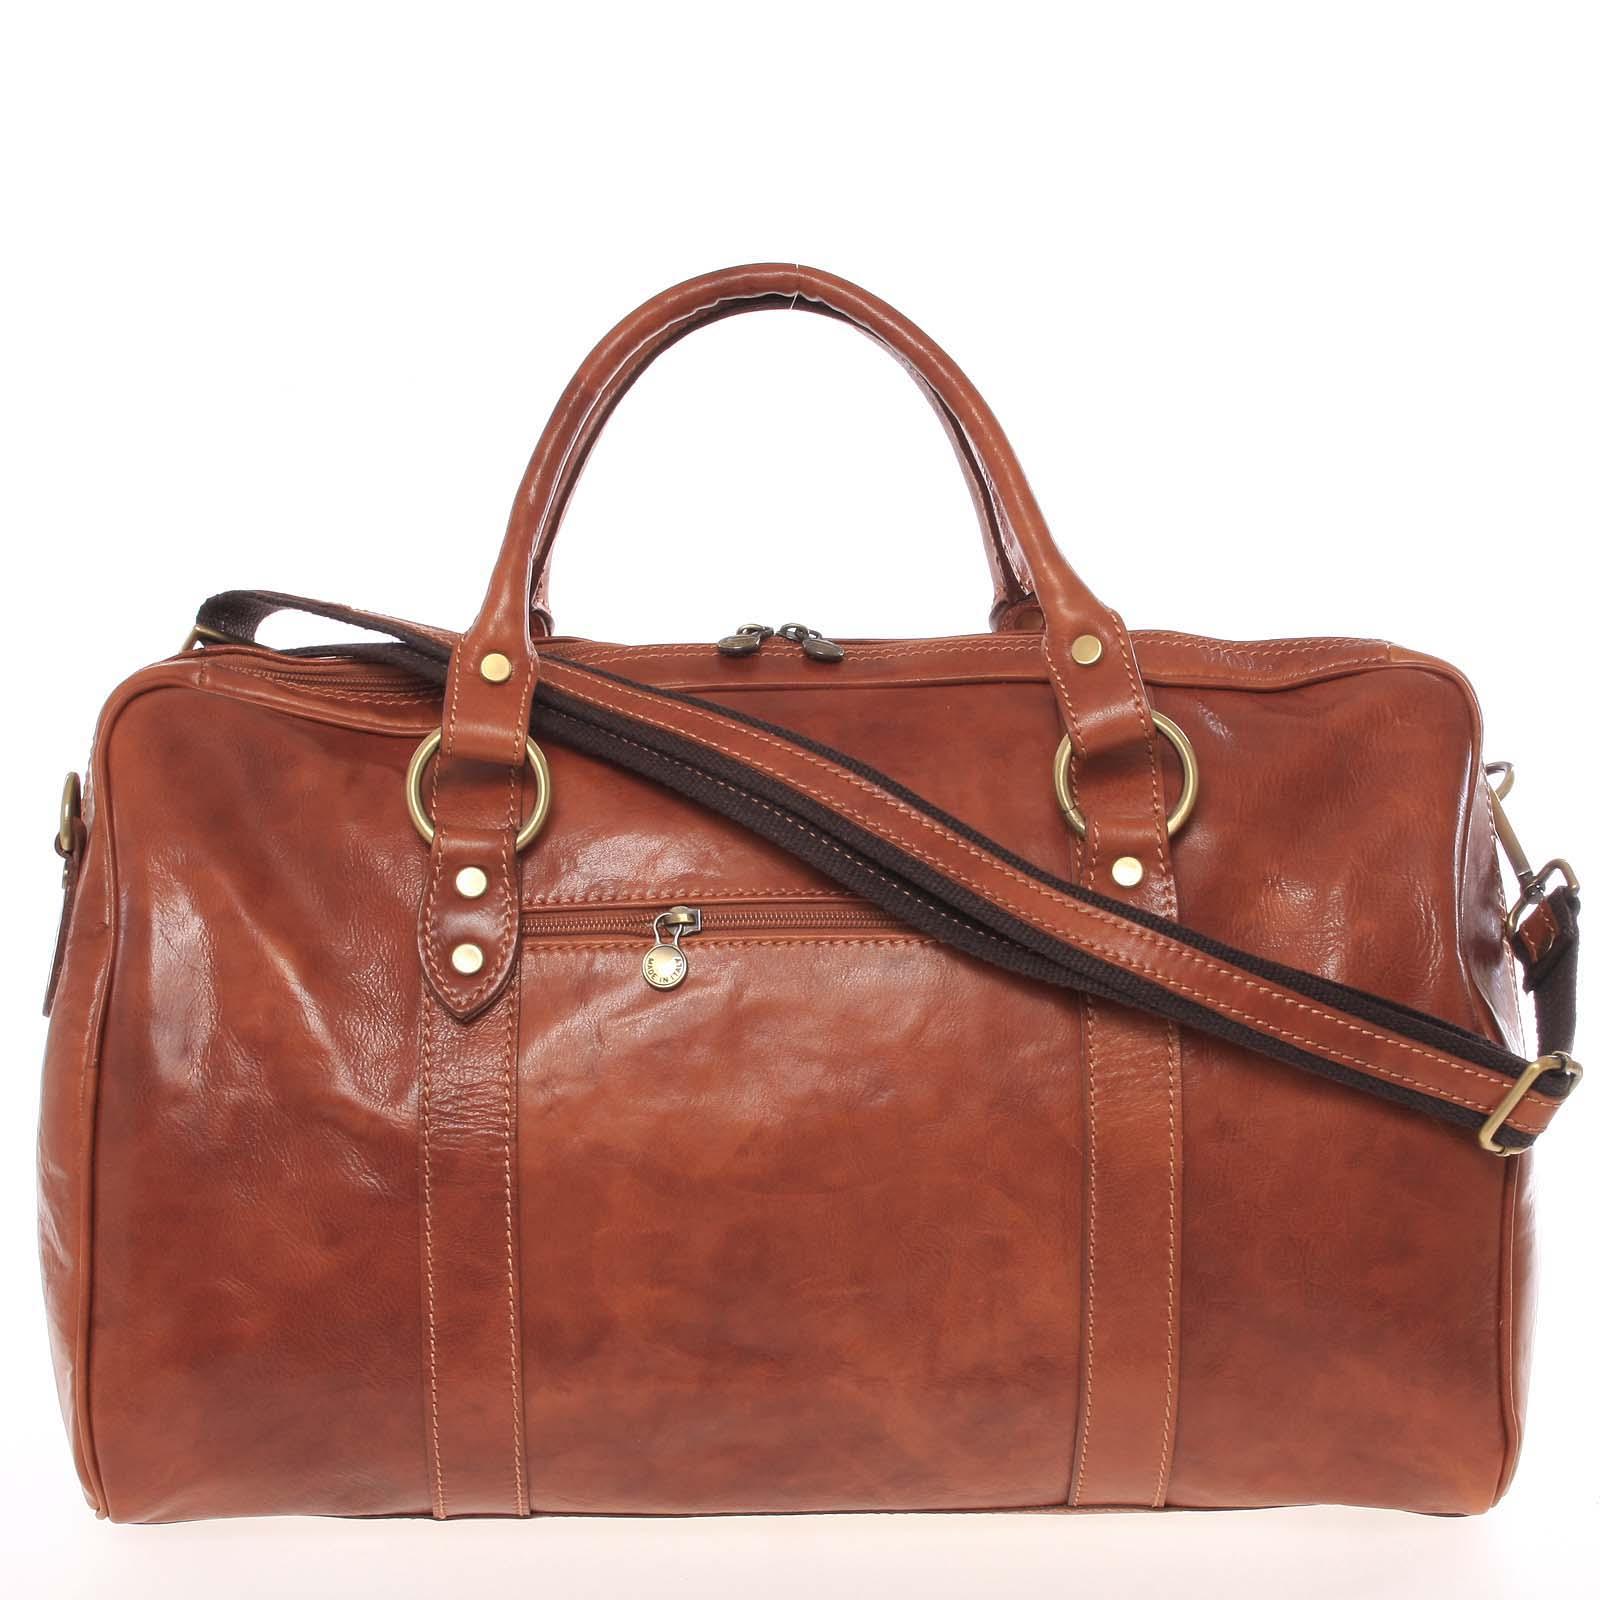 Veľká cestovná kožená taška svetlohnedá - ItalY Equado